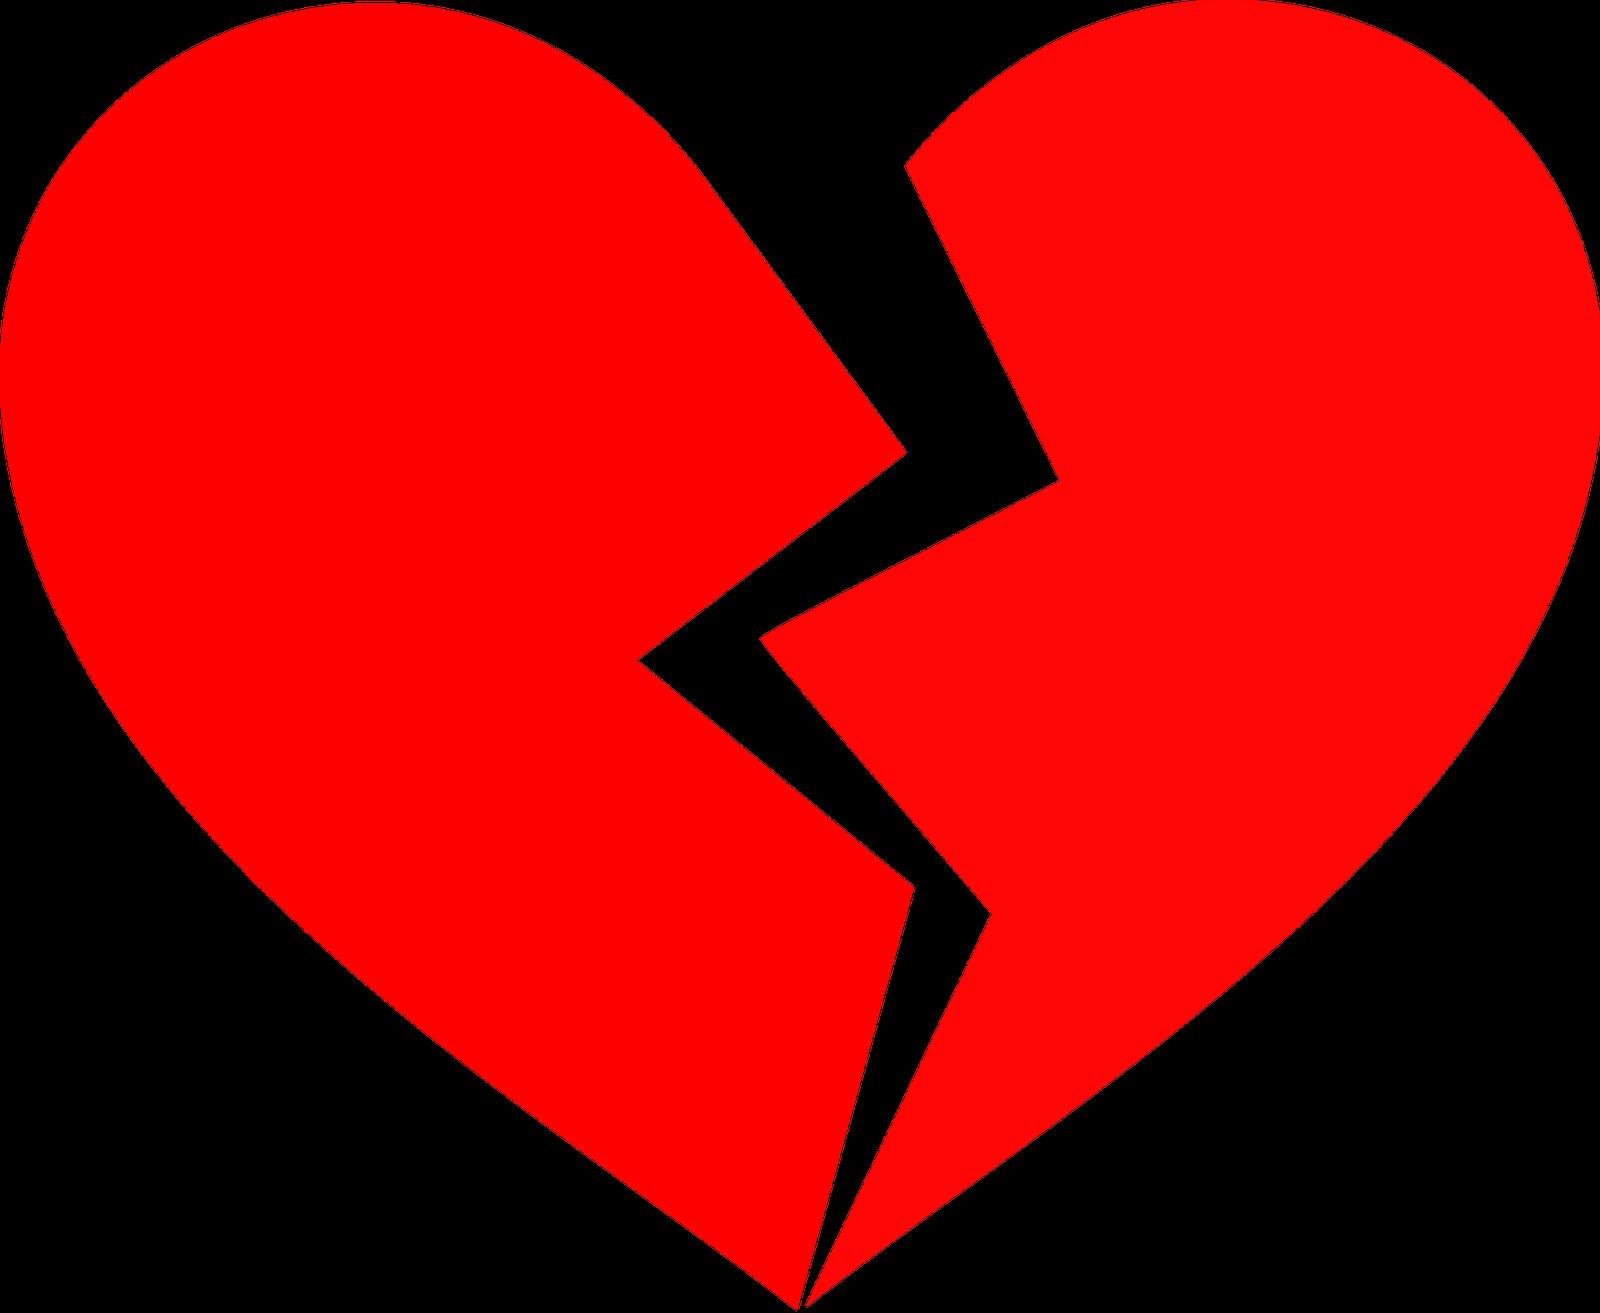 Broken Heart Clip Art | Clipart Panda - -Broken Heart Clip Art | Clipart Panda - Free Clipart Images-0